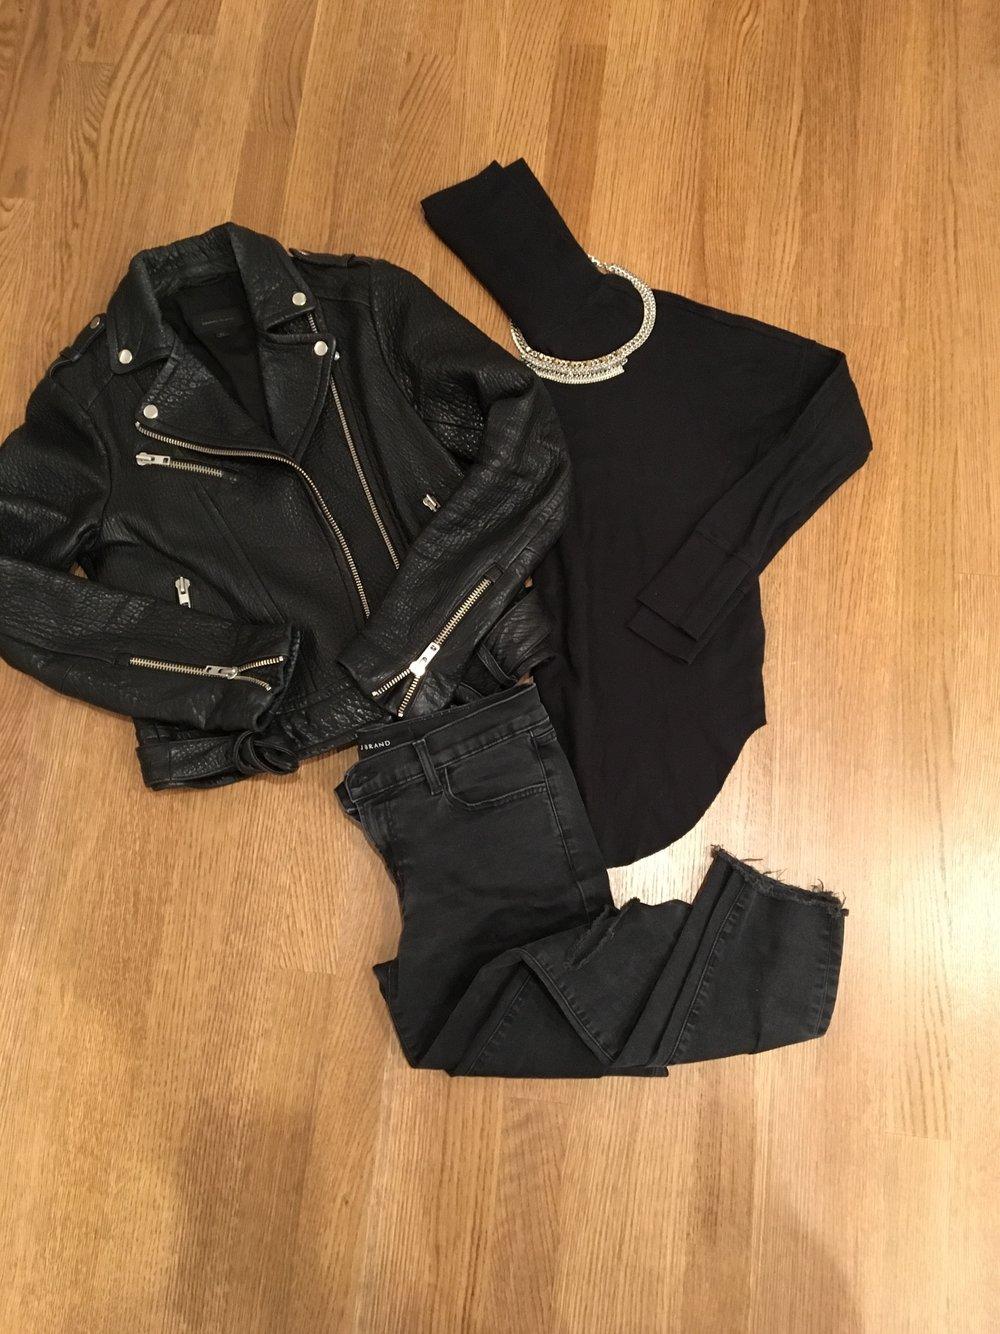 Jacket/Turtleneck/Jeans